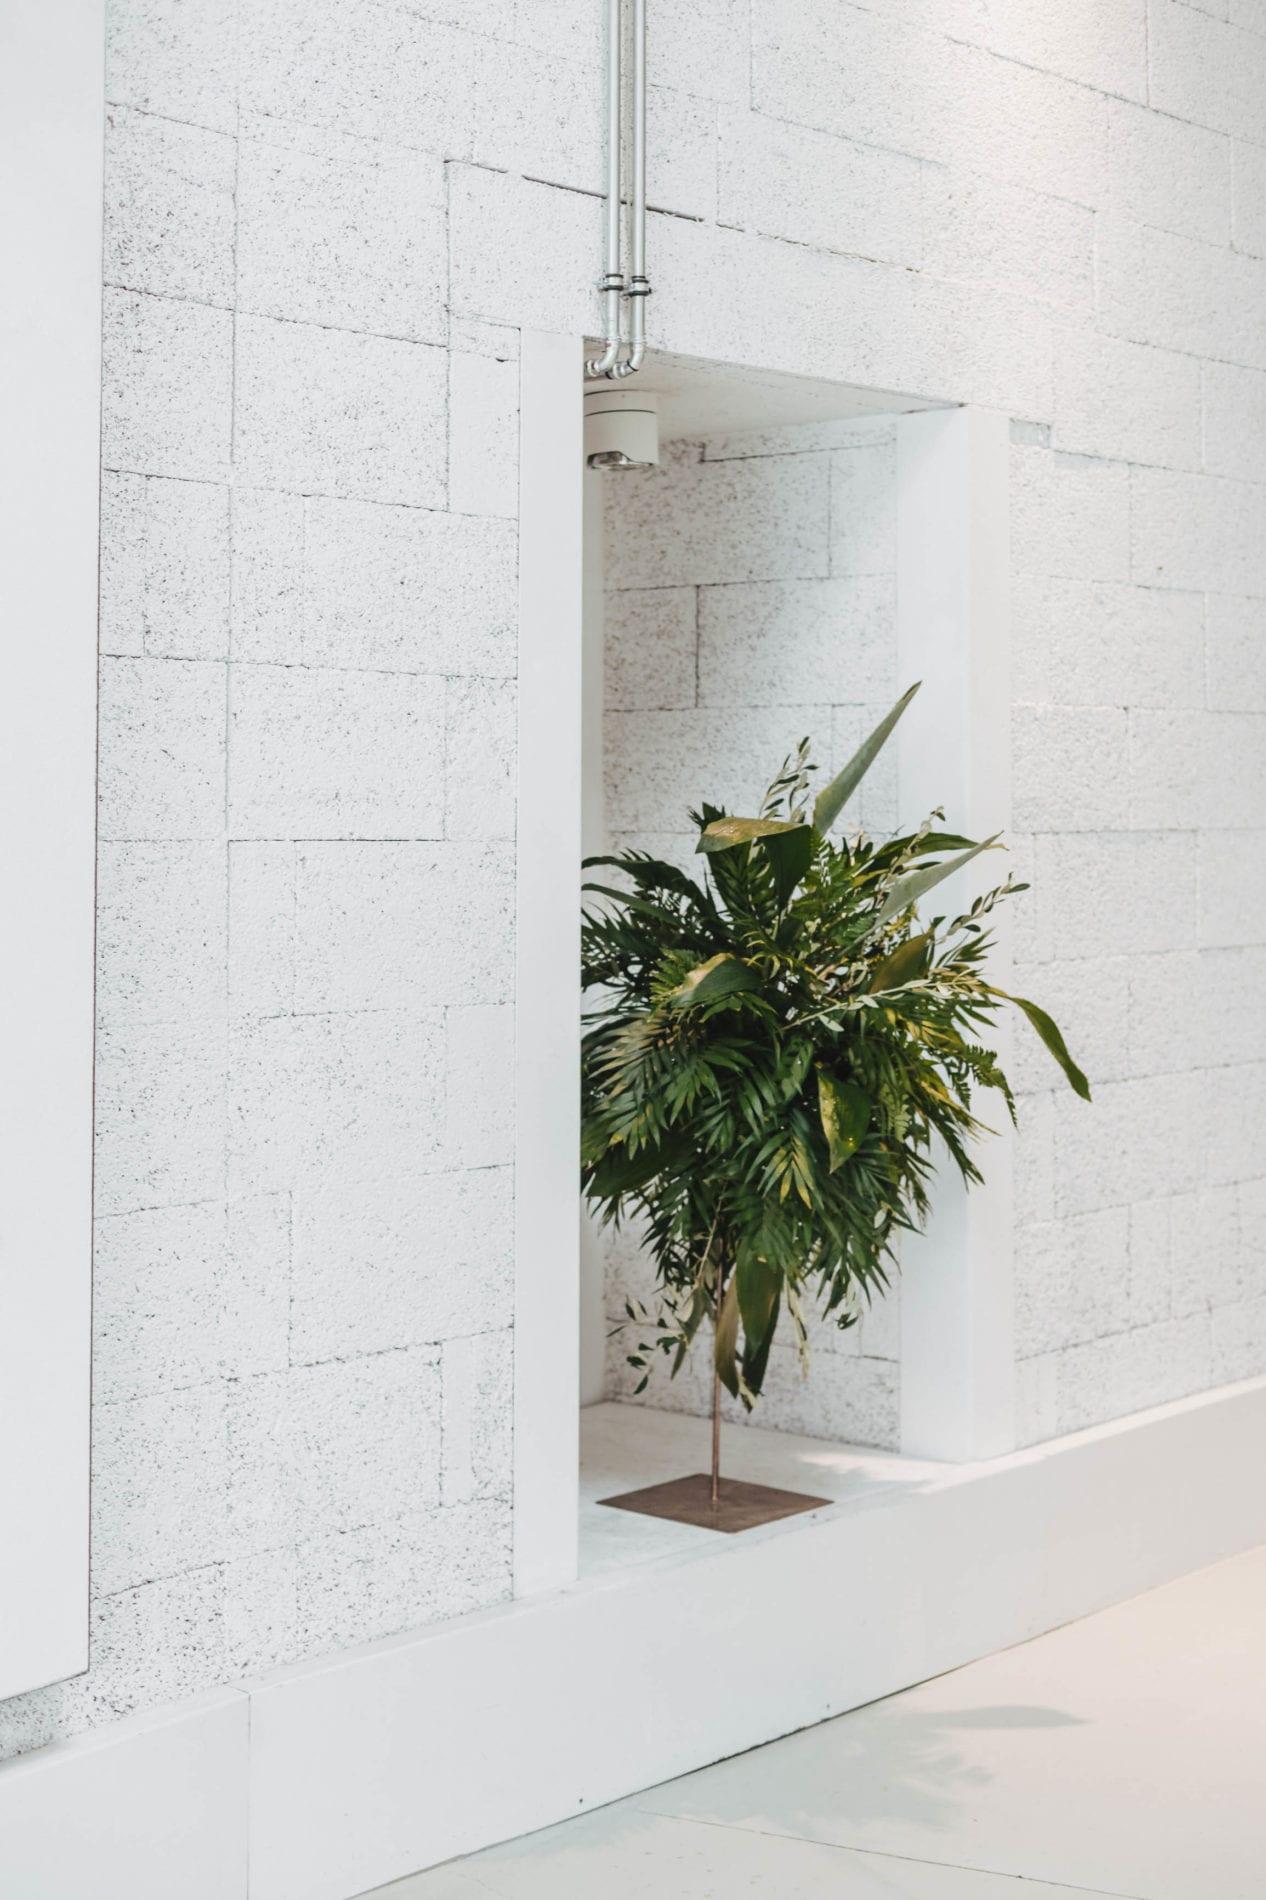 Floral Design – Raumdekoration Dschungelfieber